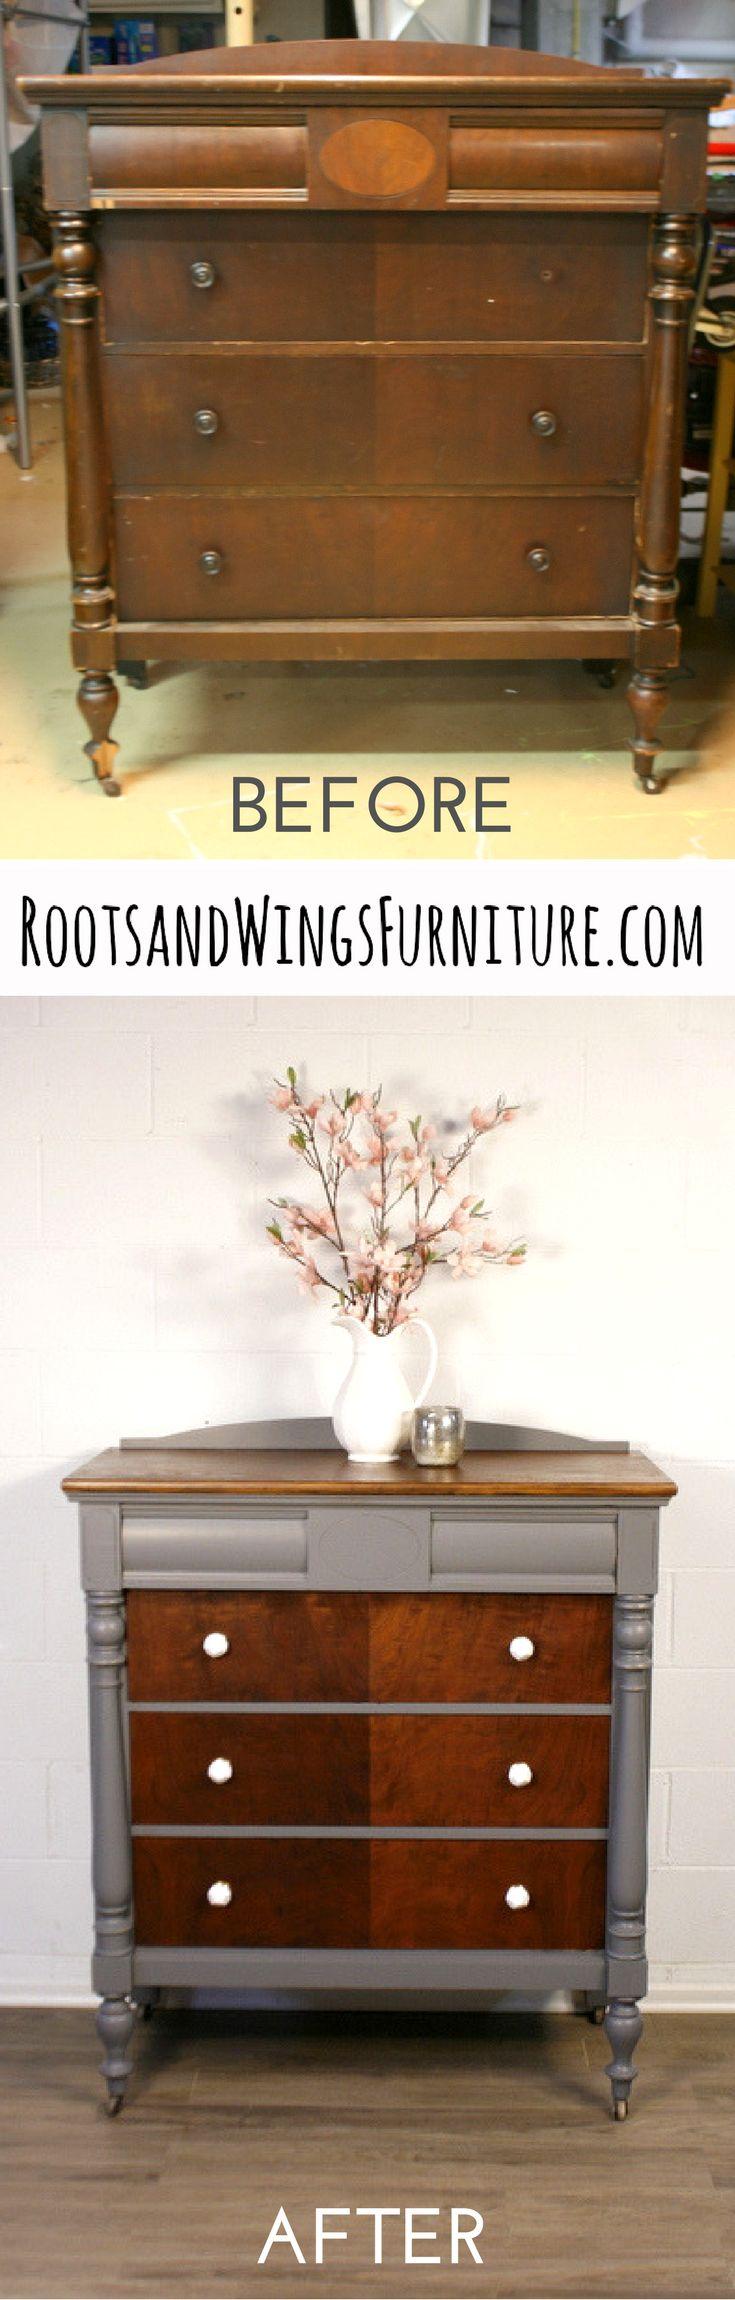 http://www.rootsandwingsfurniture.com/blog/driftwooddresser Great repair tutorial. http://www.rootsandwingsfurniture.com/blog/driftwooddresser